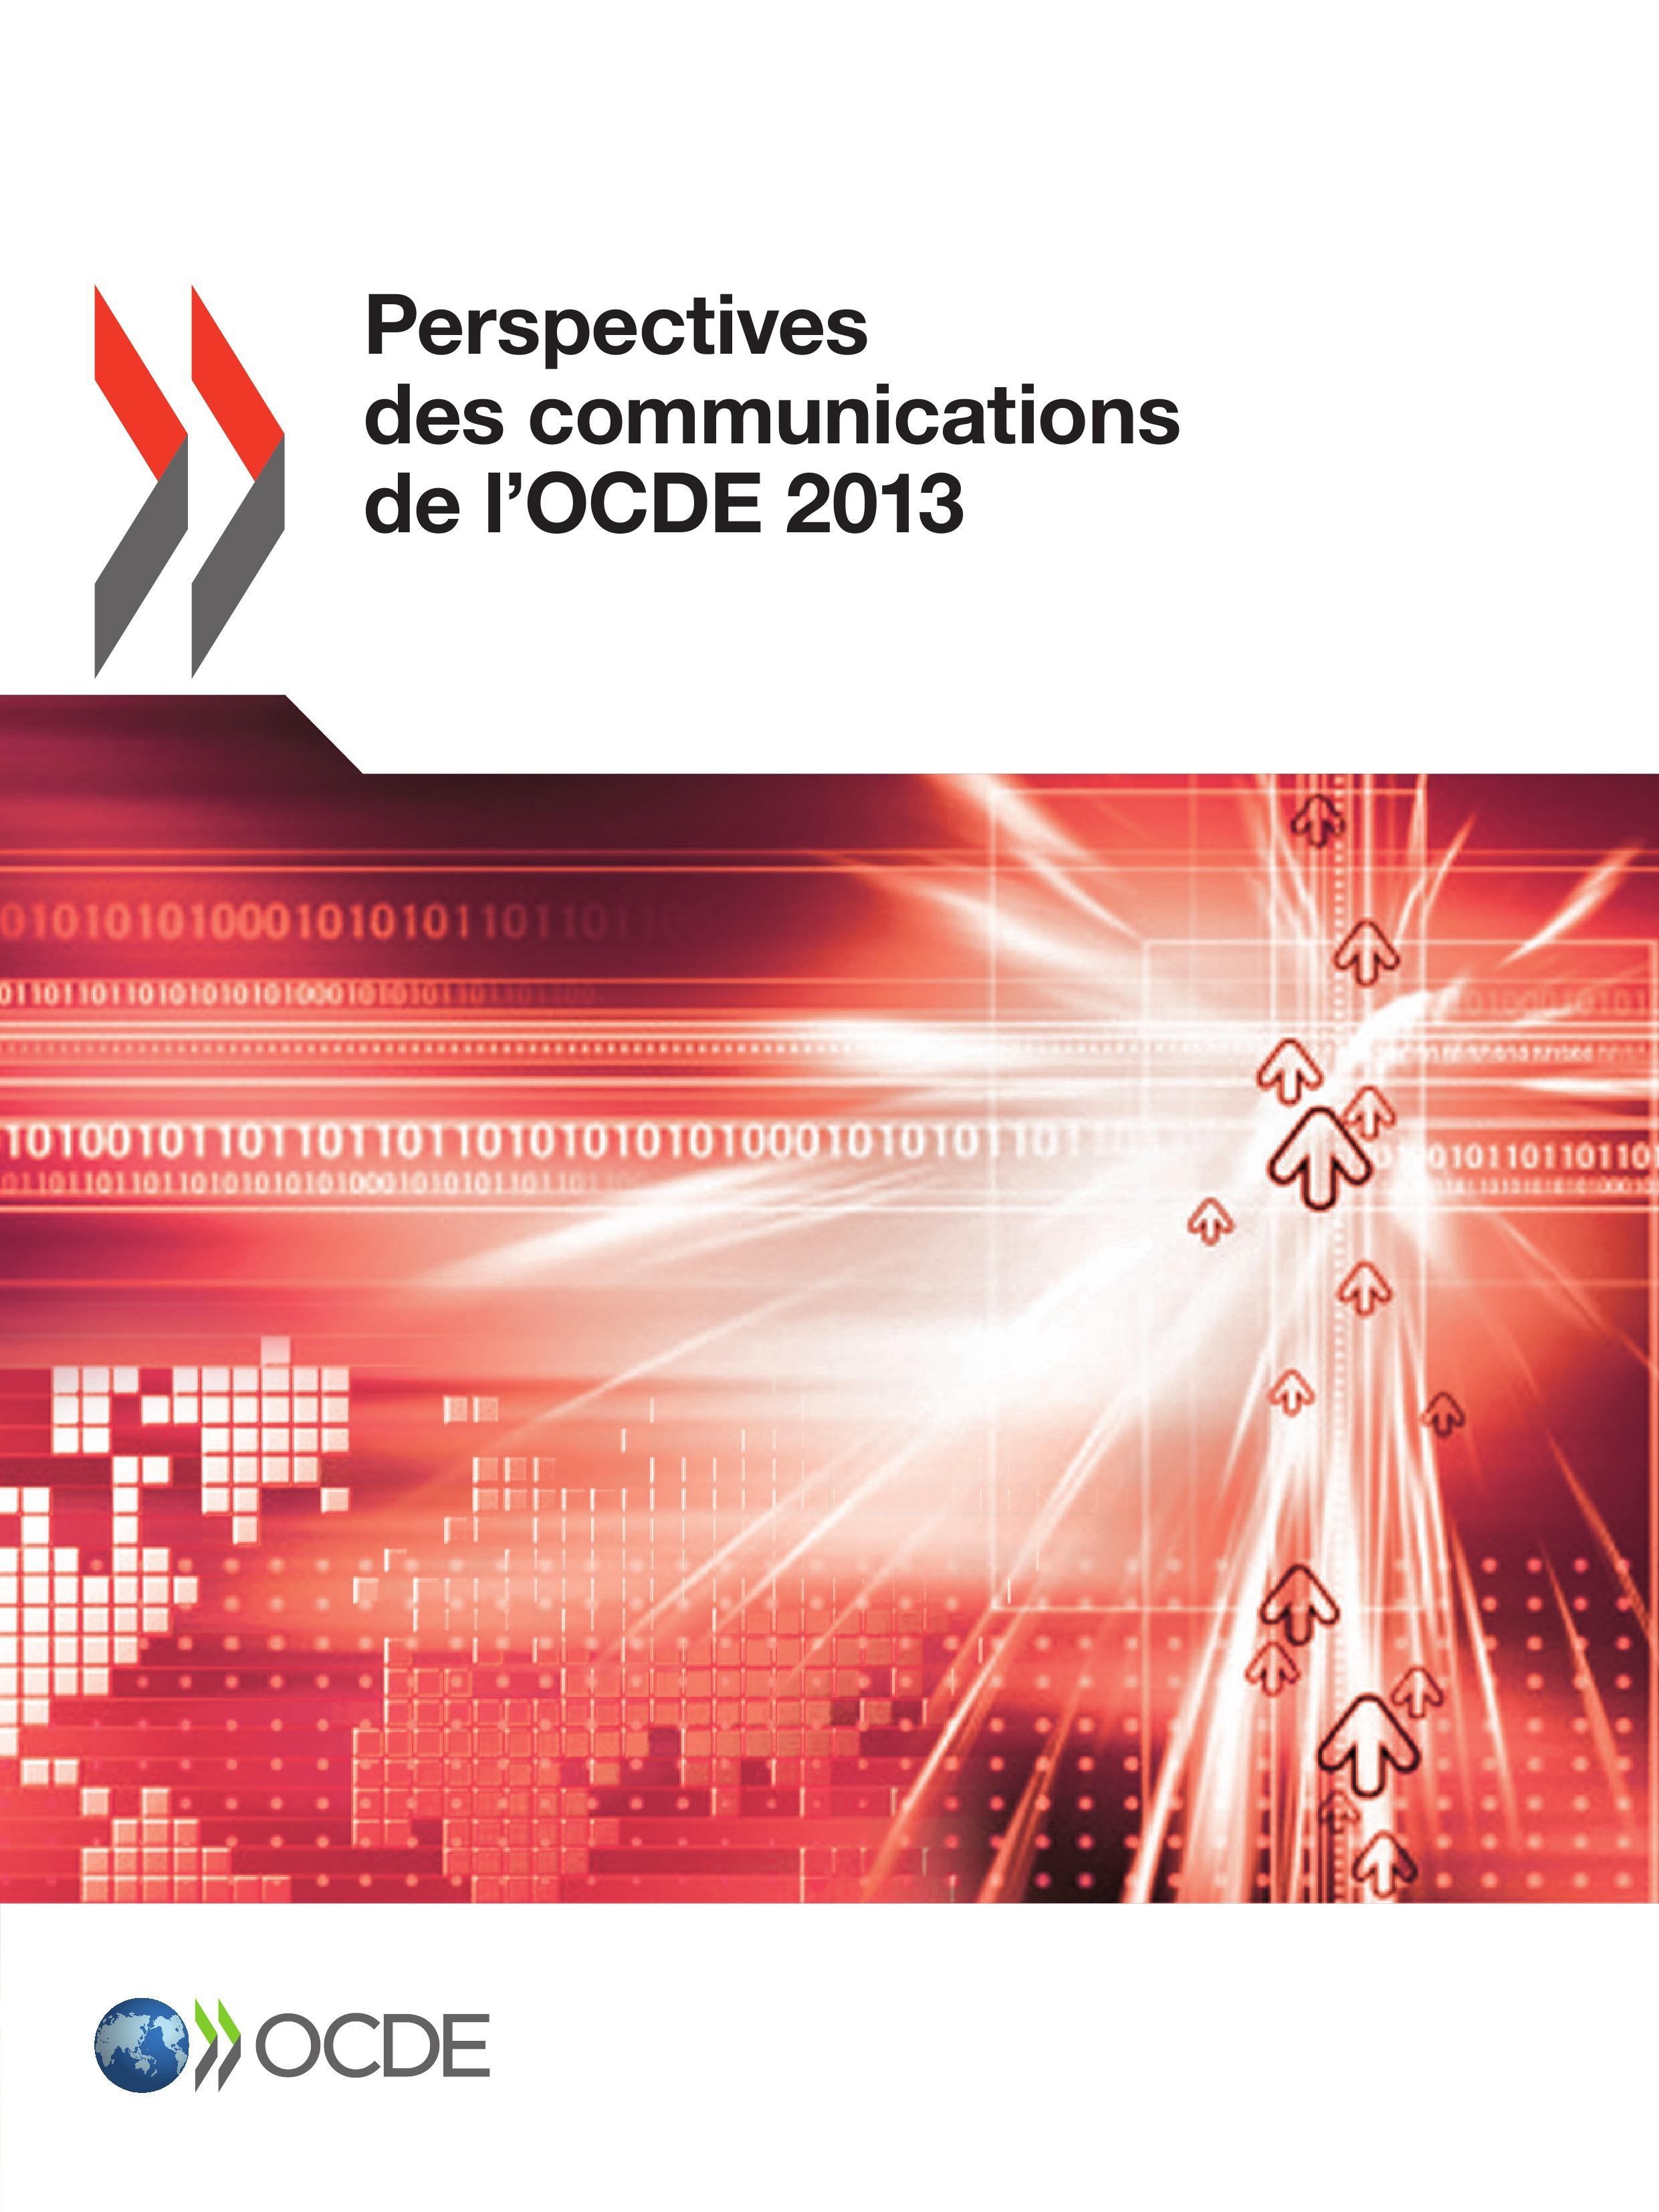 Perspectives des communications de l'OCDE 2013